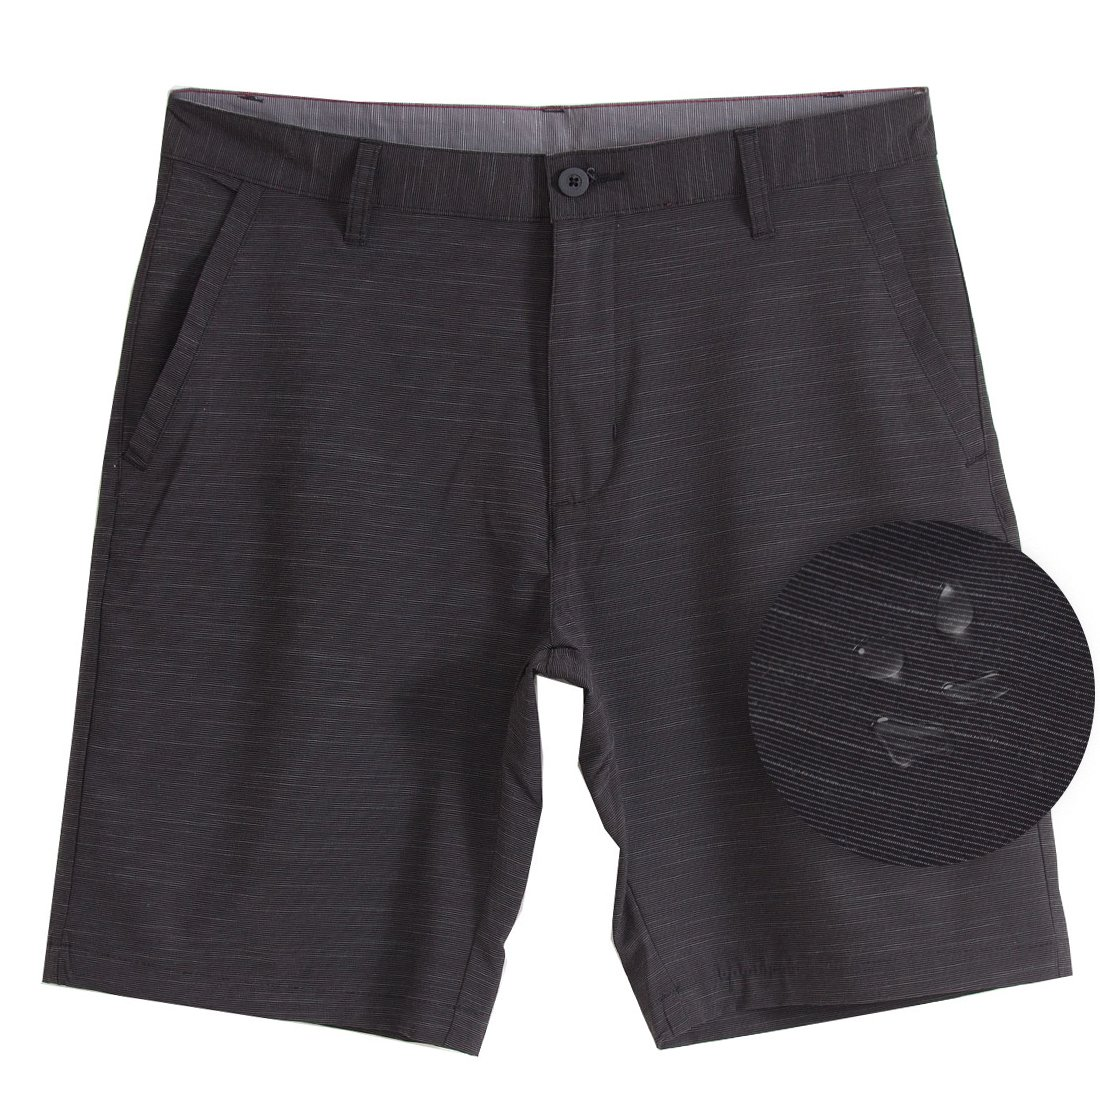 Burnside Hybrid Stretch Shorts for Mens Men Golf Boardshorts Black - 34